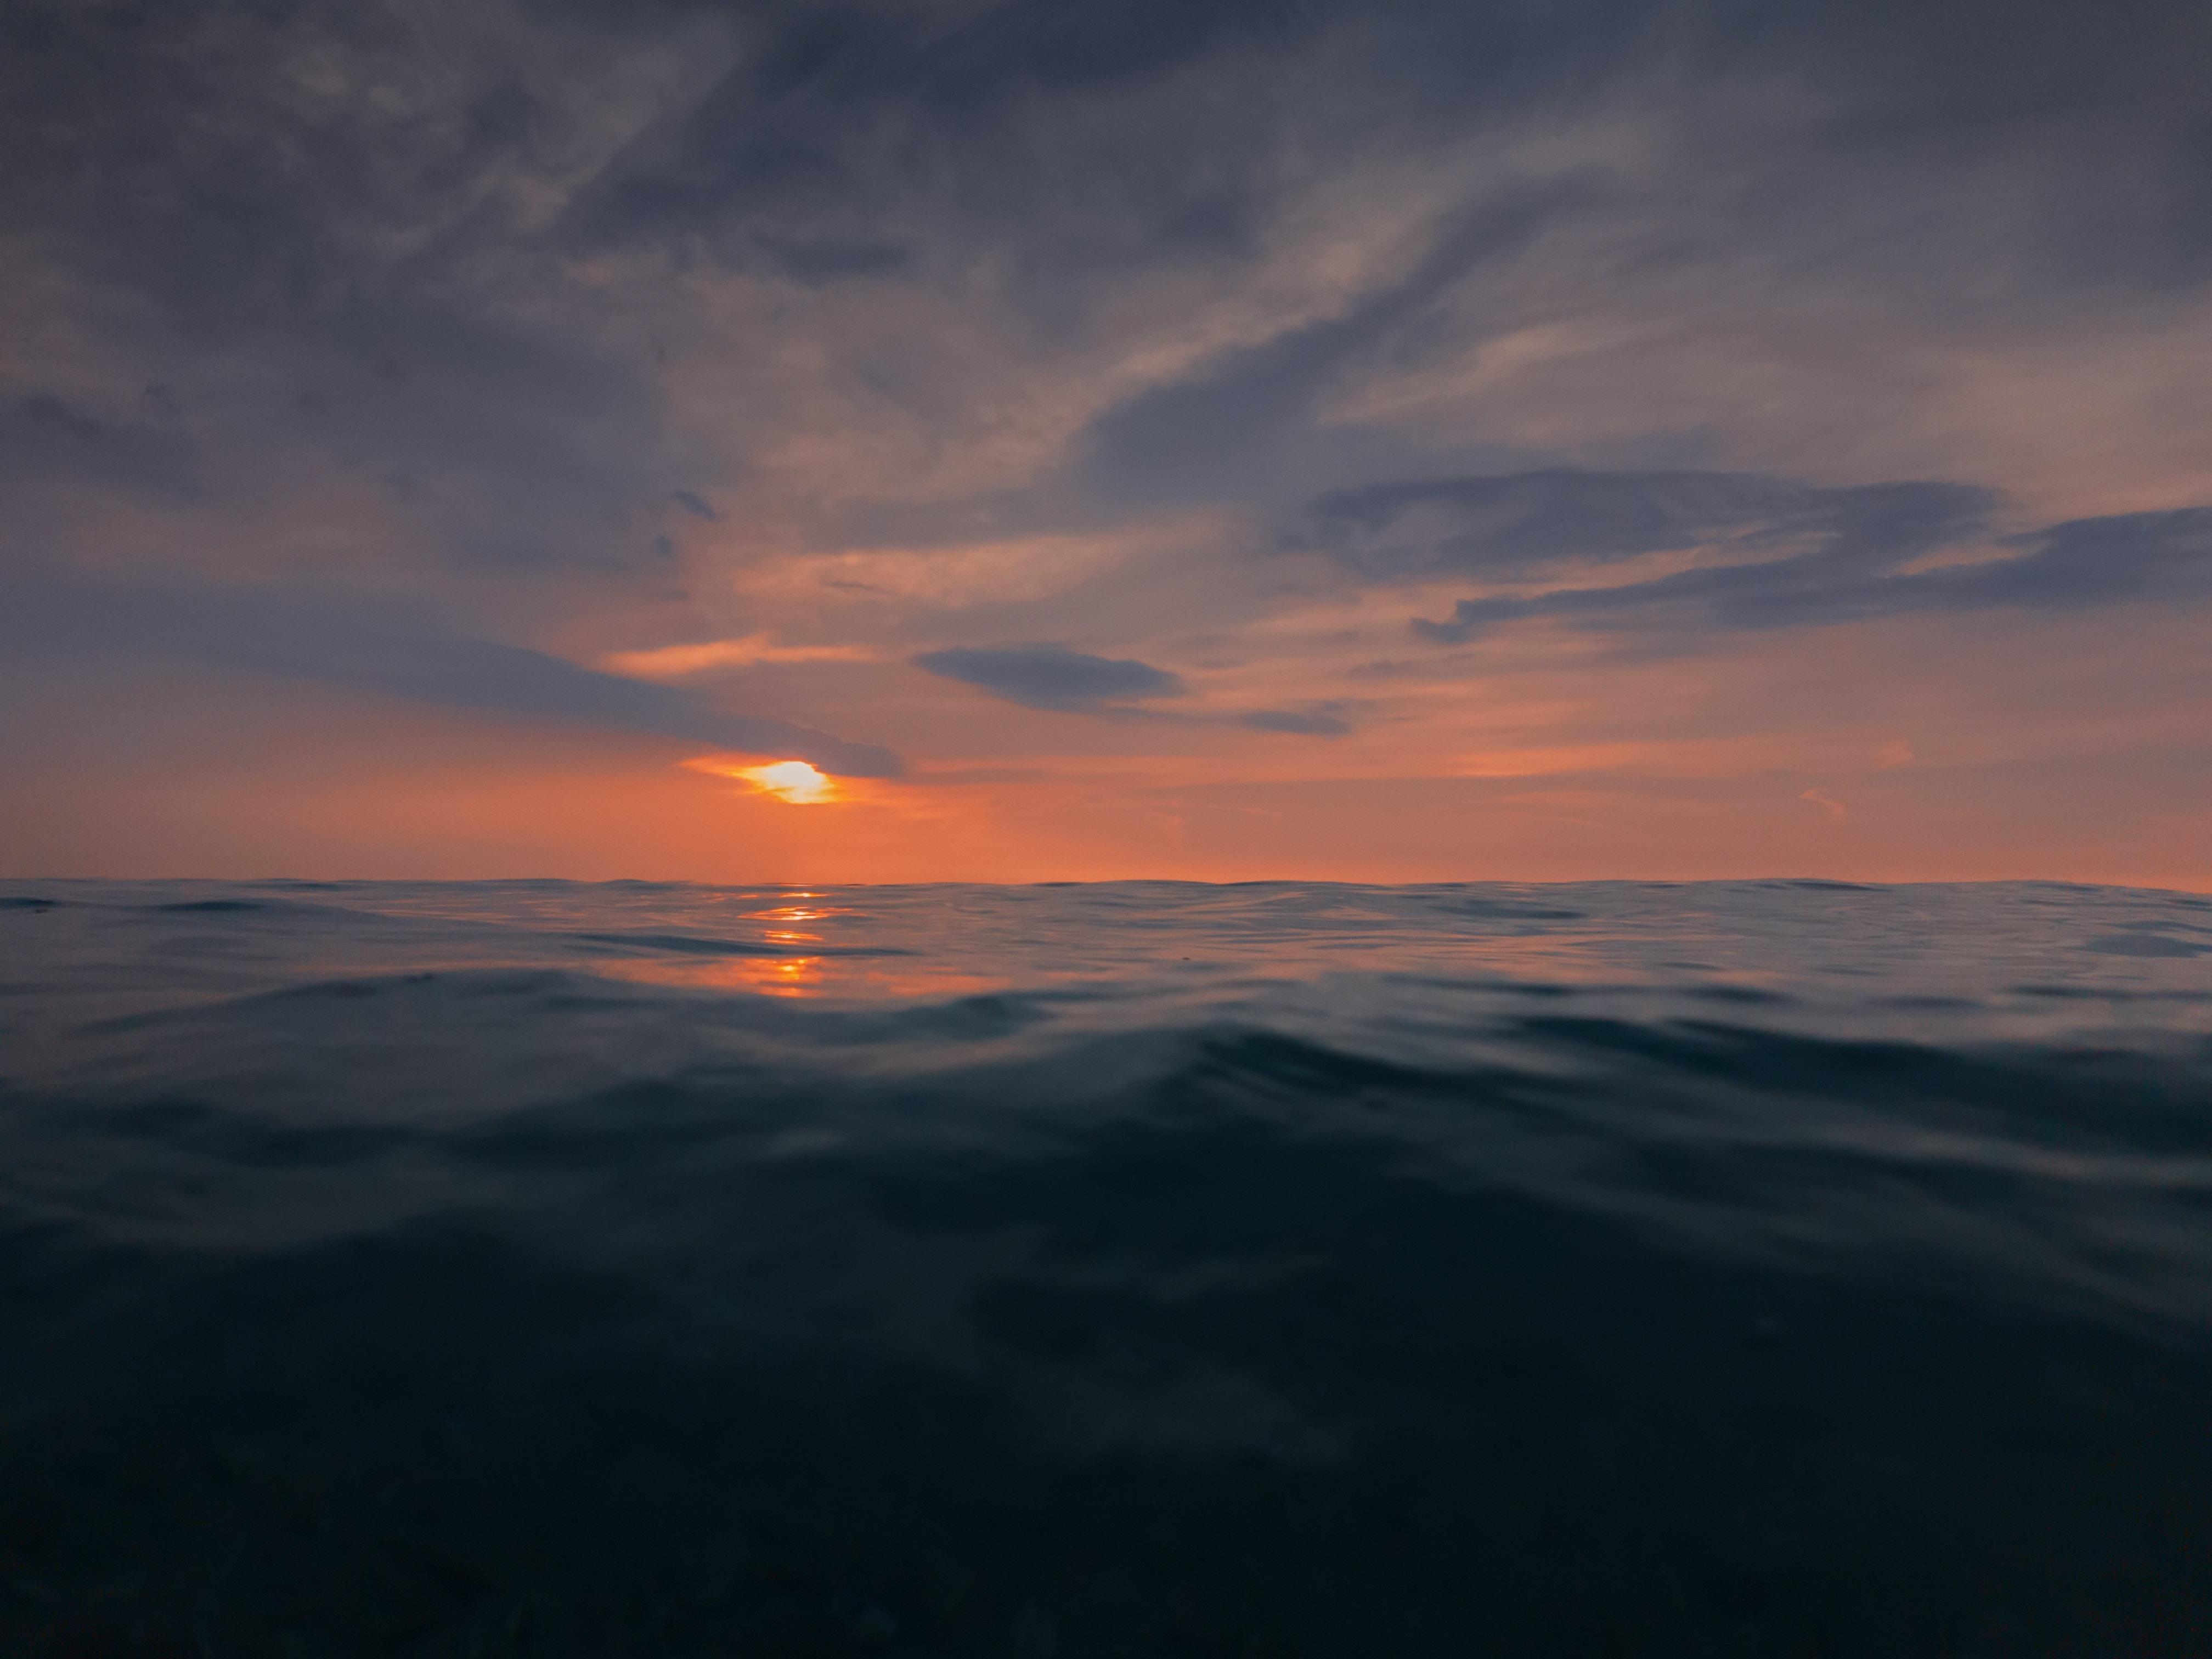 body of water in horizon of sunset